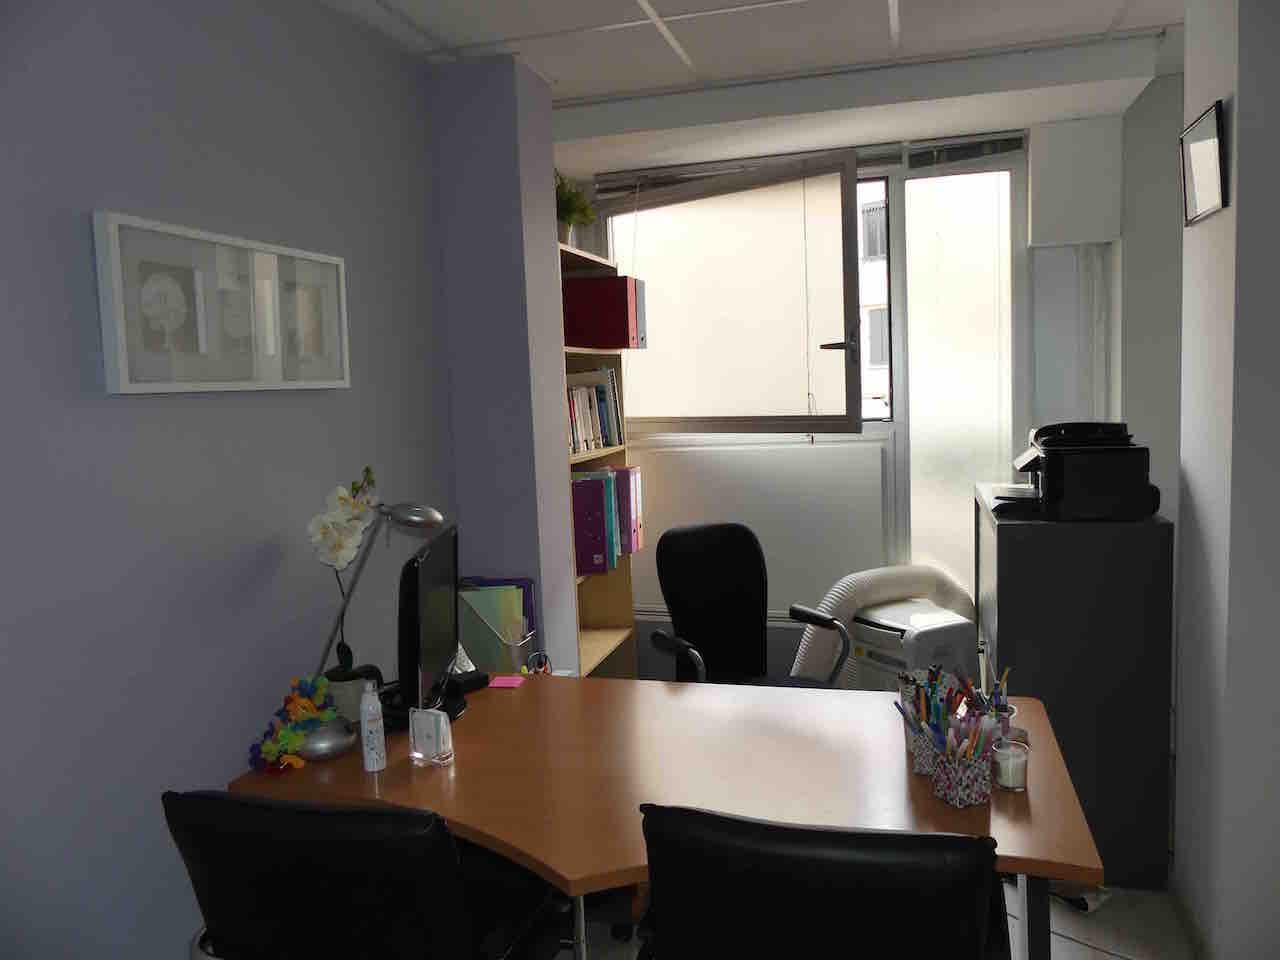 seconde vue du bureau de consultation de mon cabinet de lyon psychologue lyon. Black Bedroom Furniture Sets. Home Design Ideas